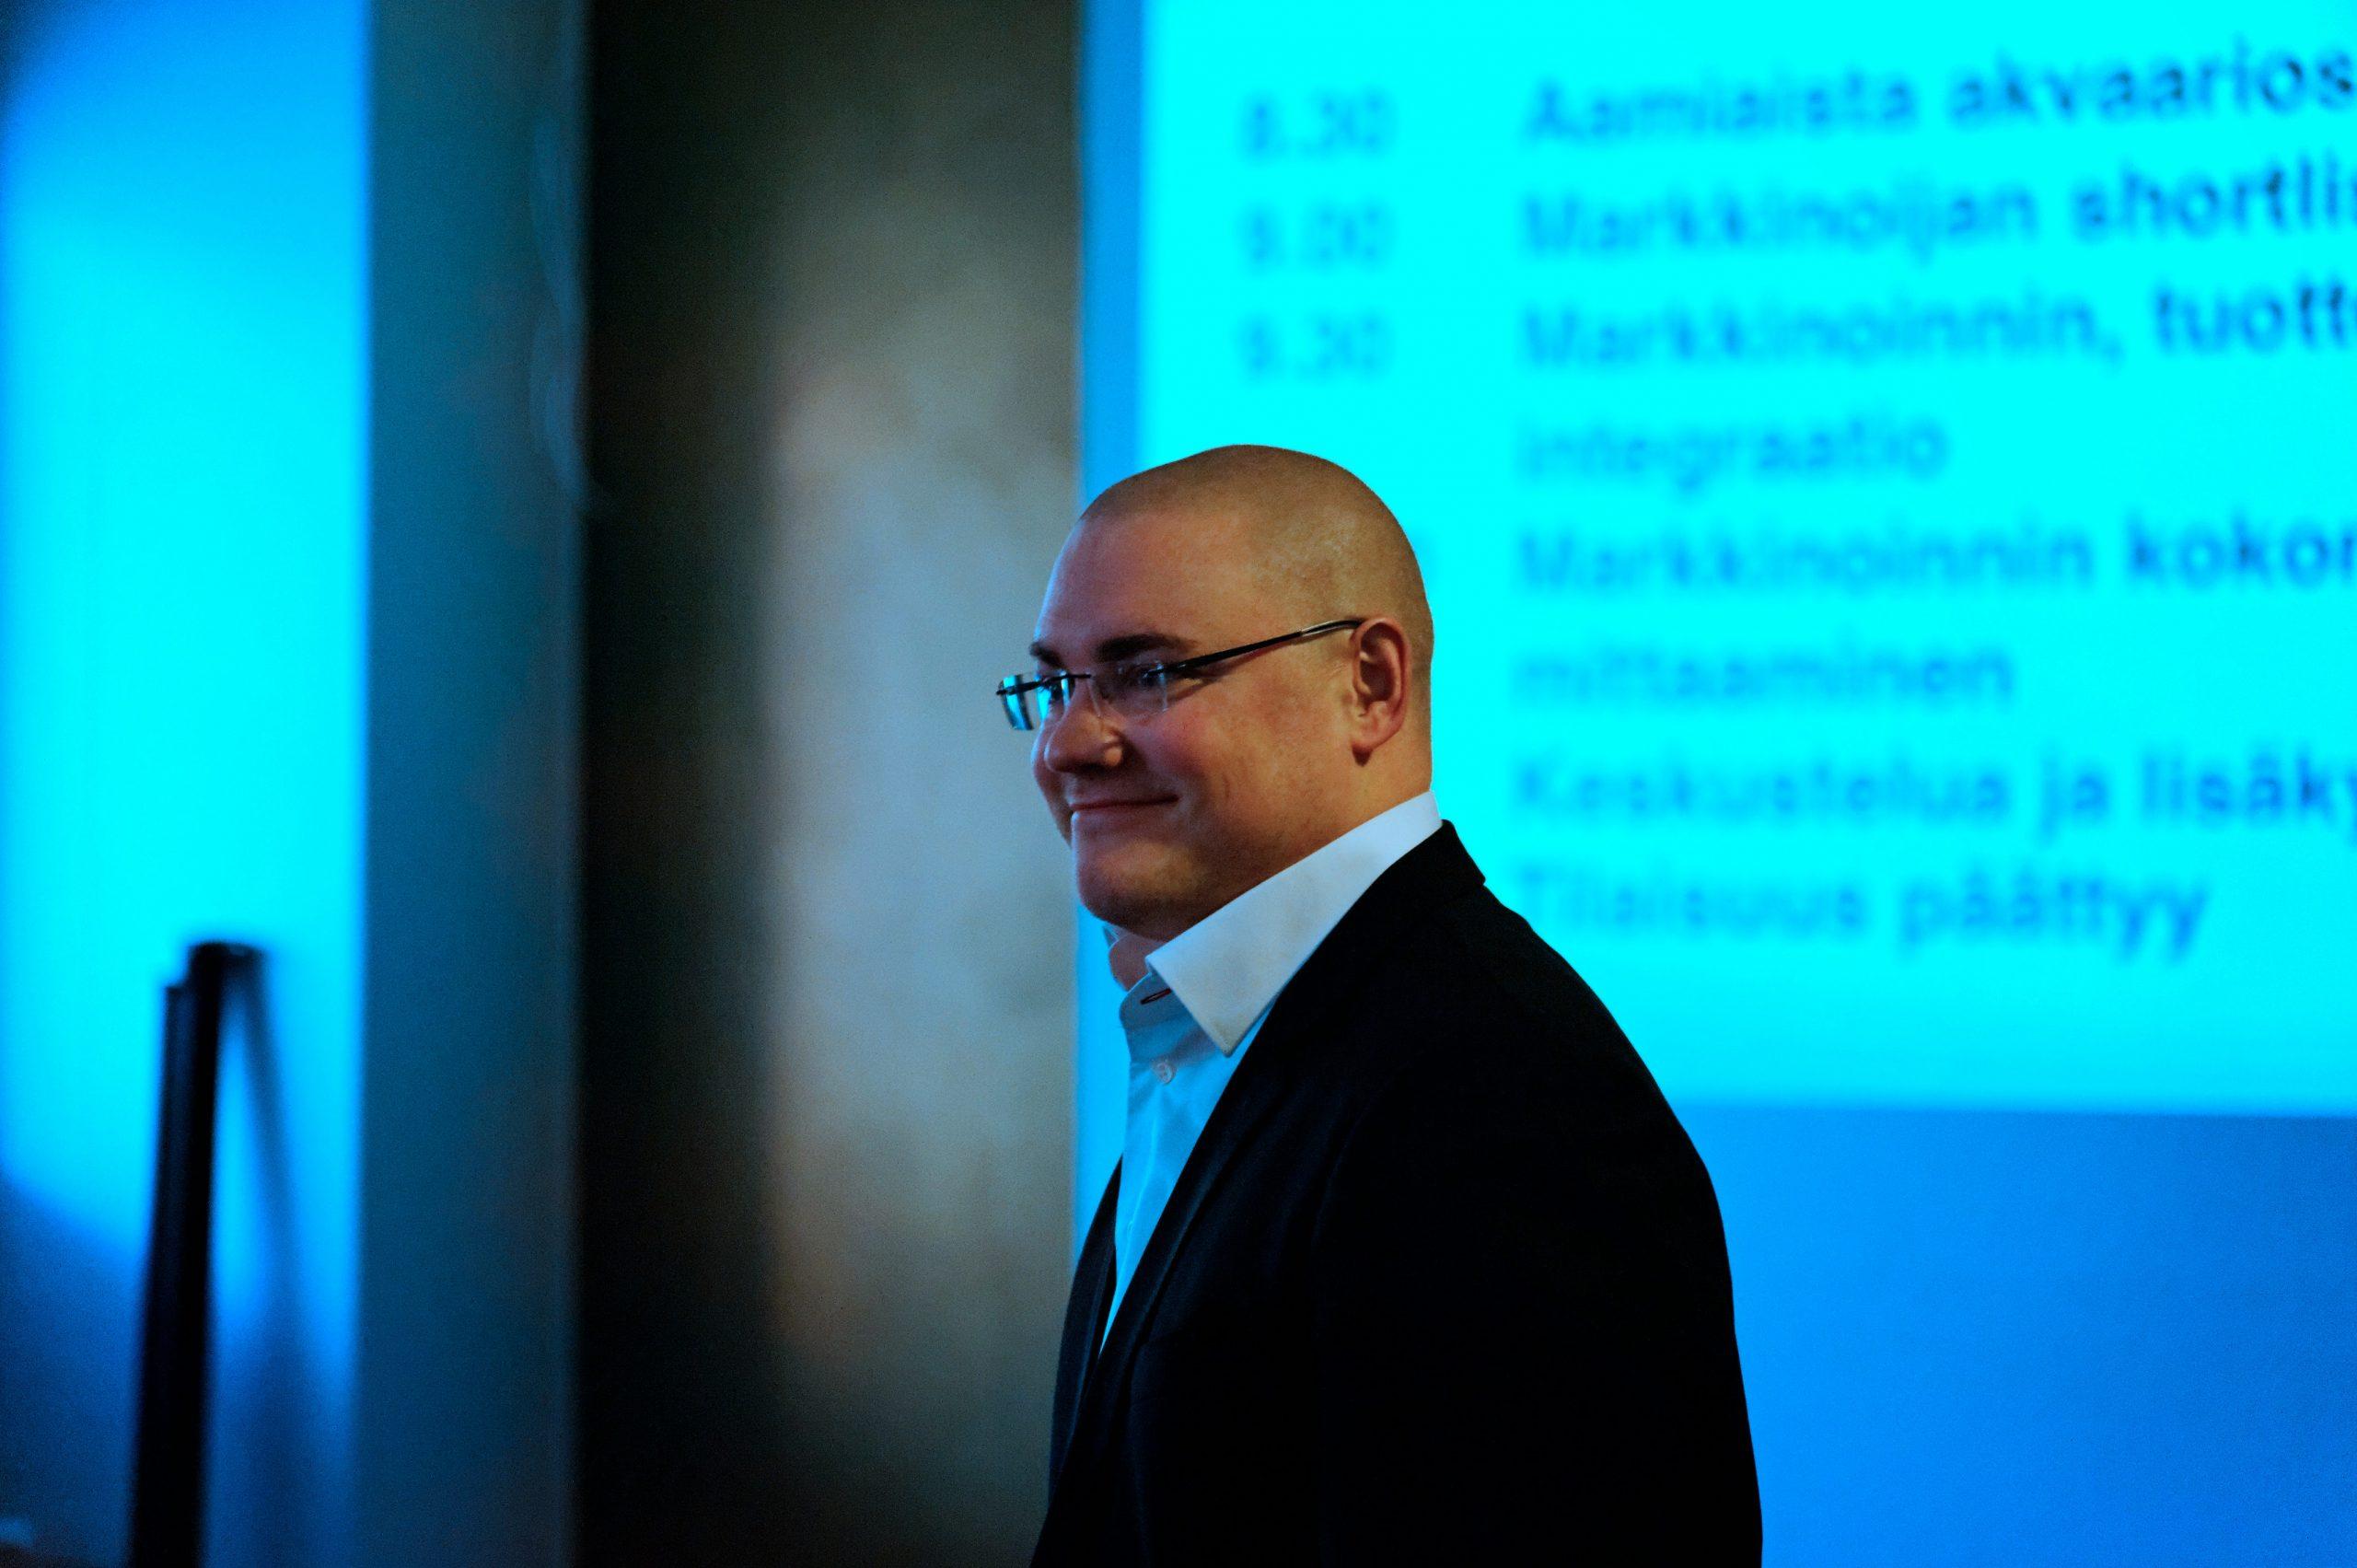 Petri Mertanen